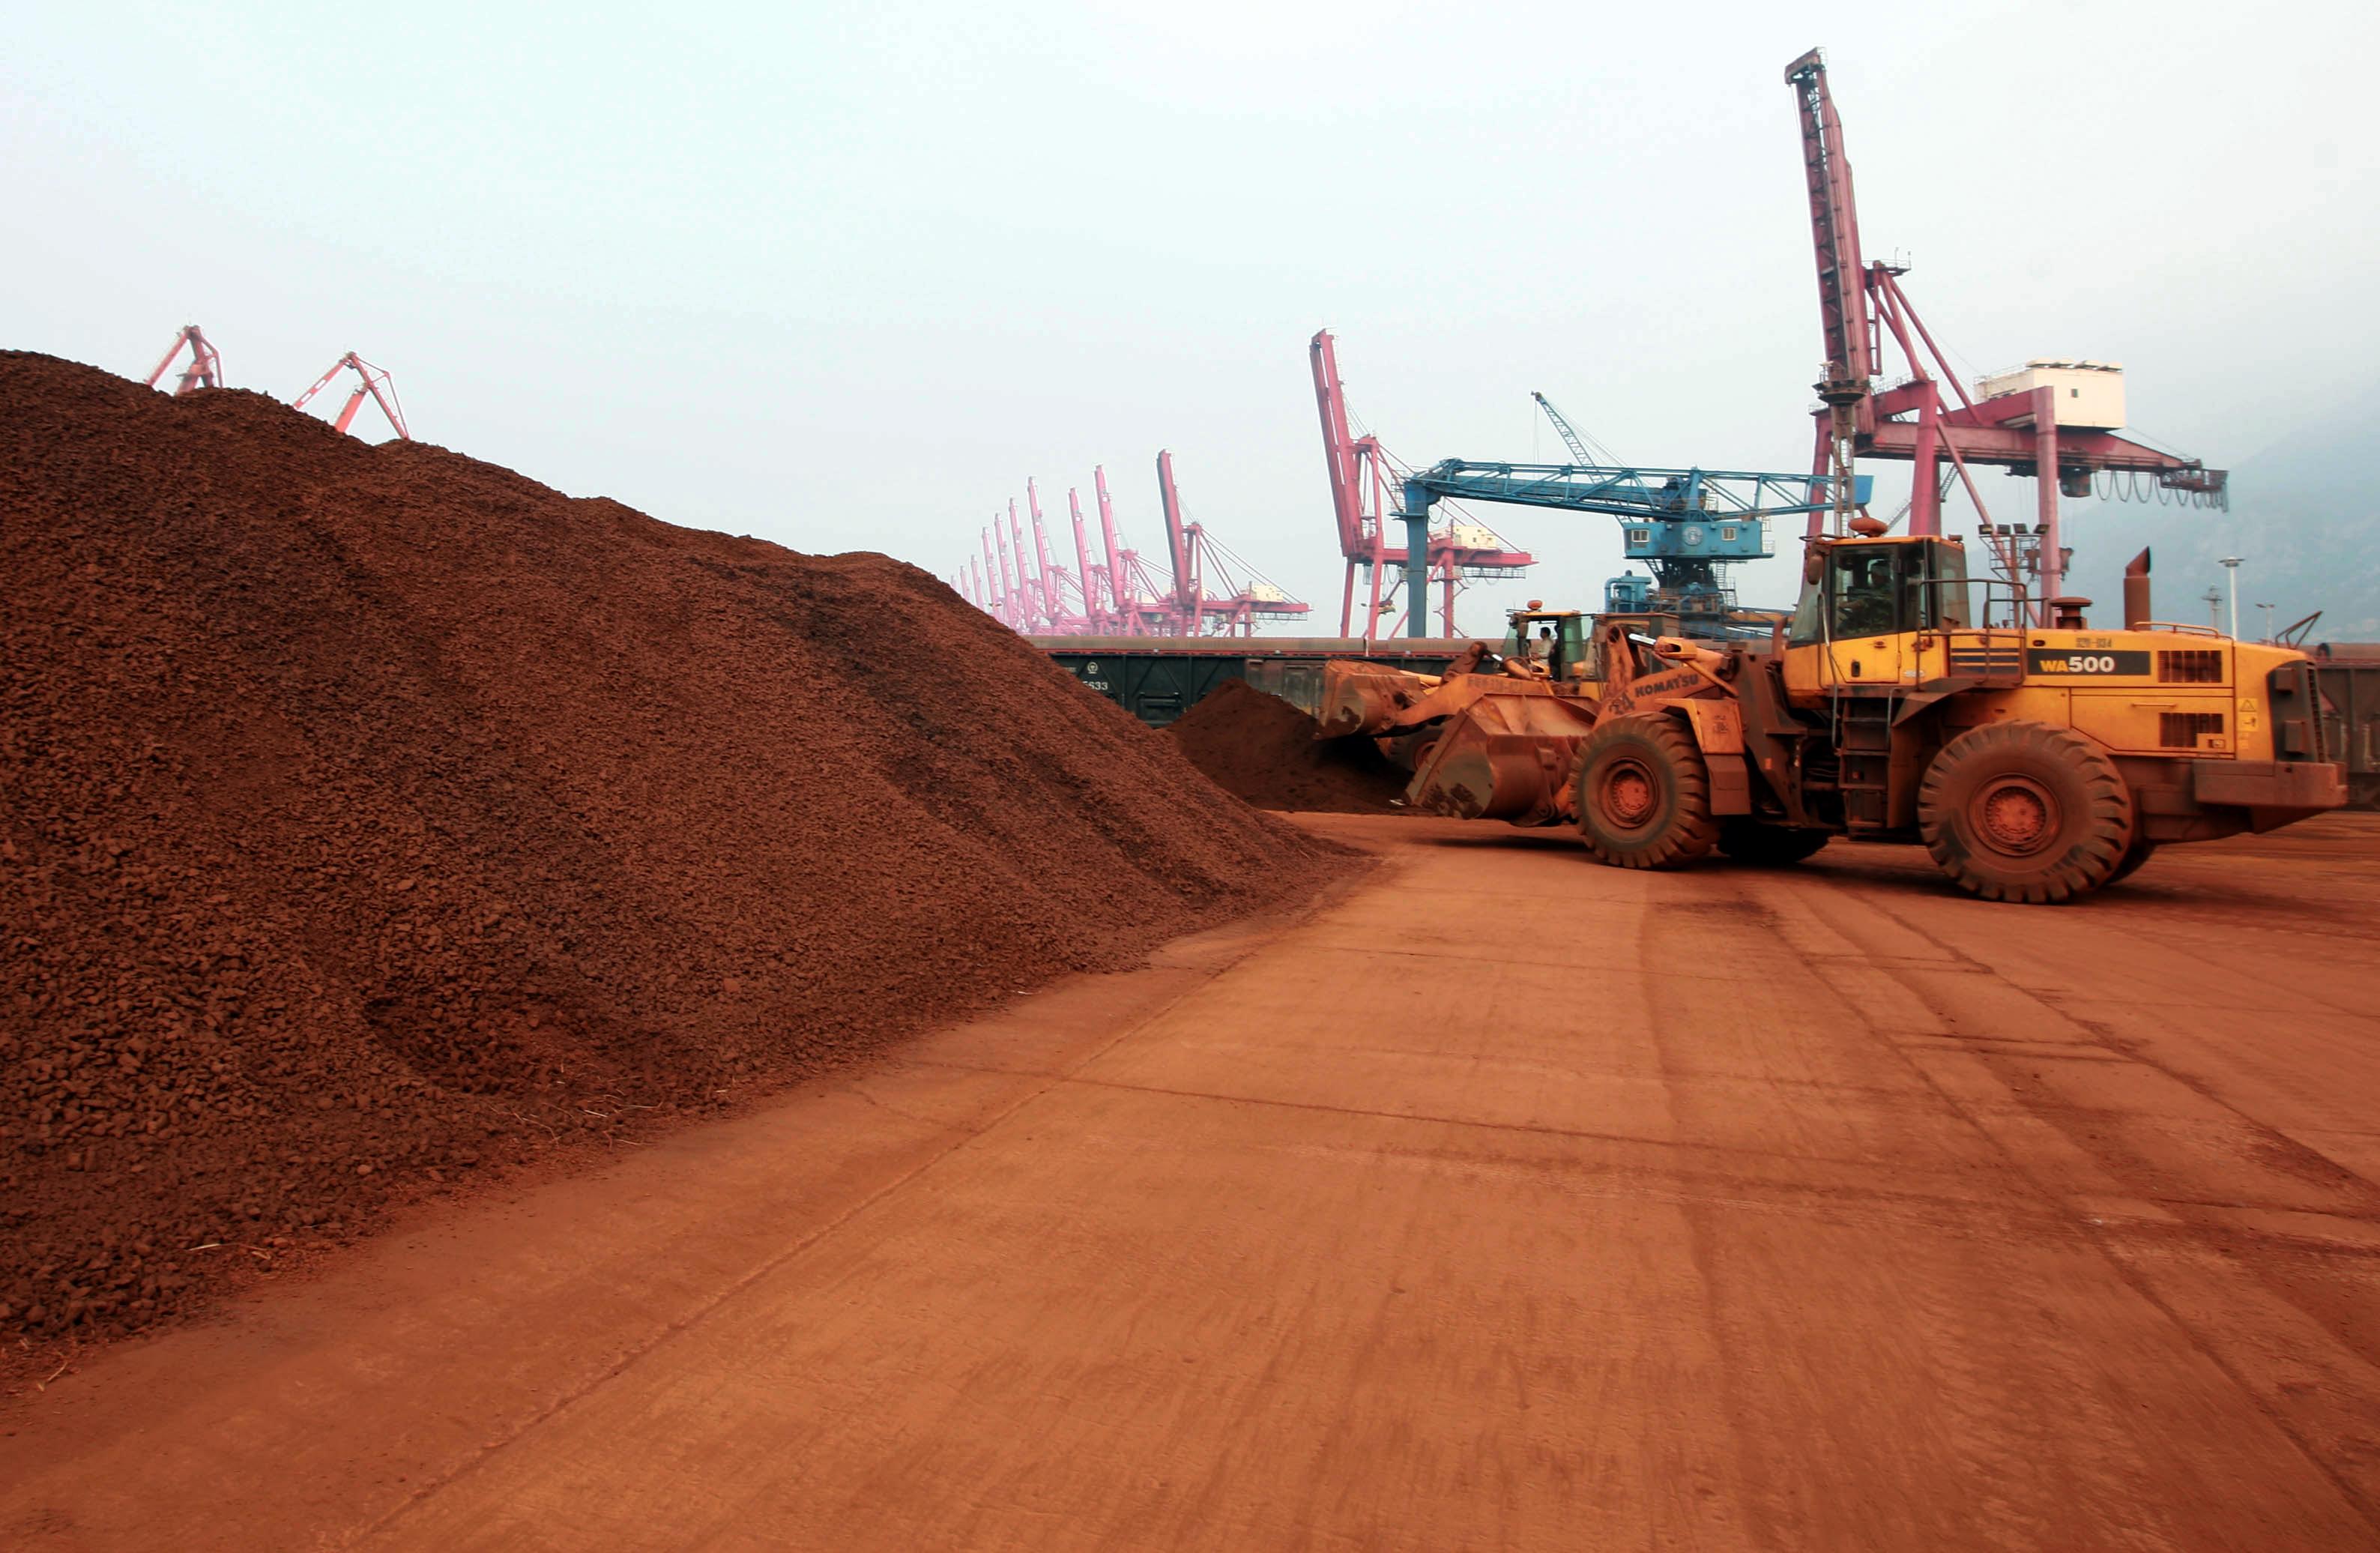 建稀土供應鏈 美國新稀土加工廠正式開工